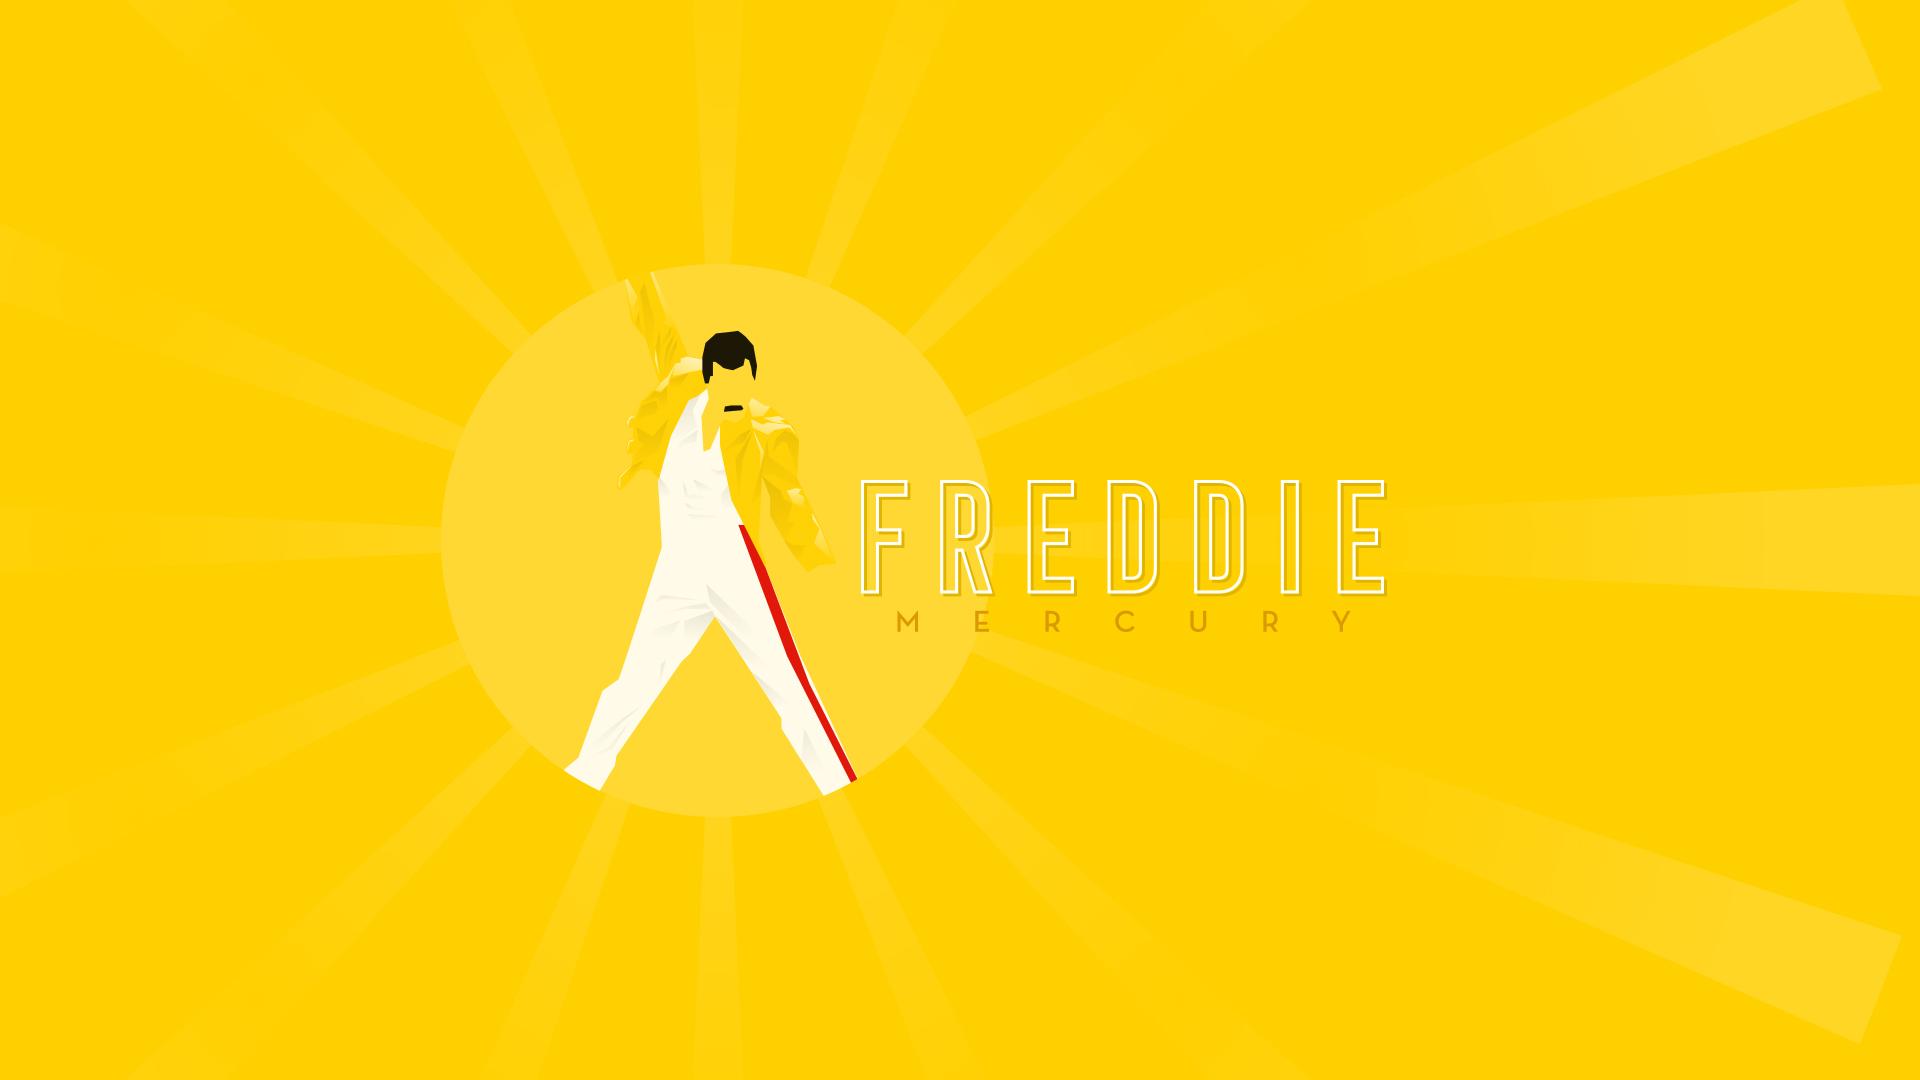 Vuelve La Voz De Freddie Mercury En Una Grabación Inédita